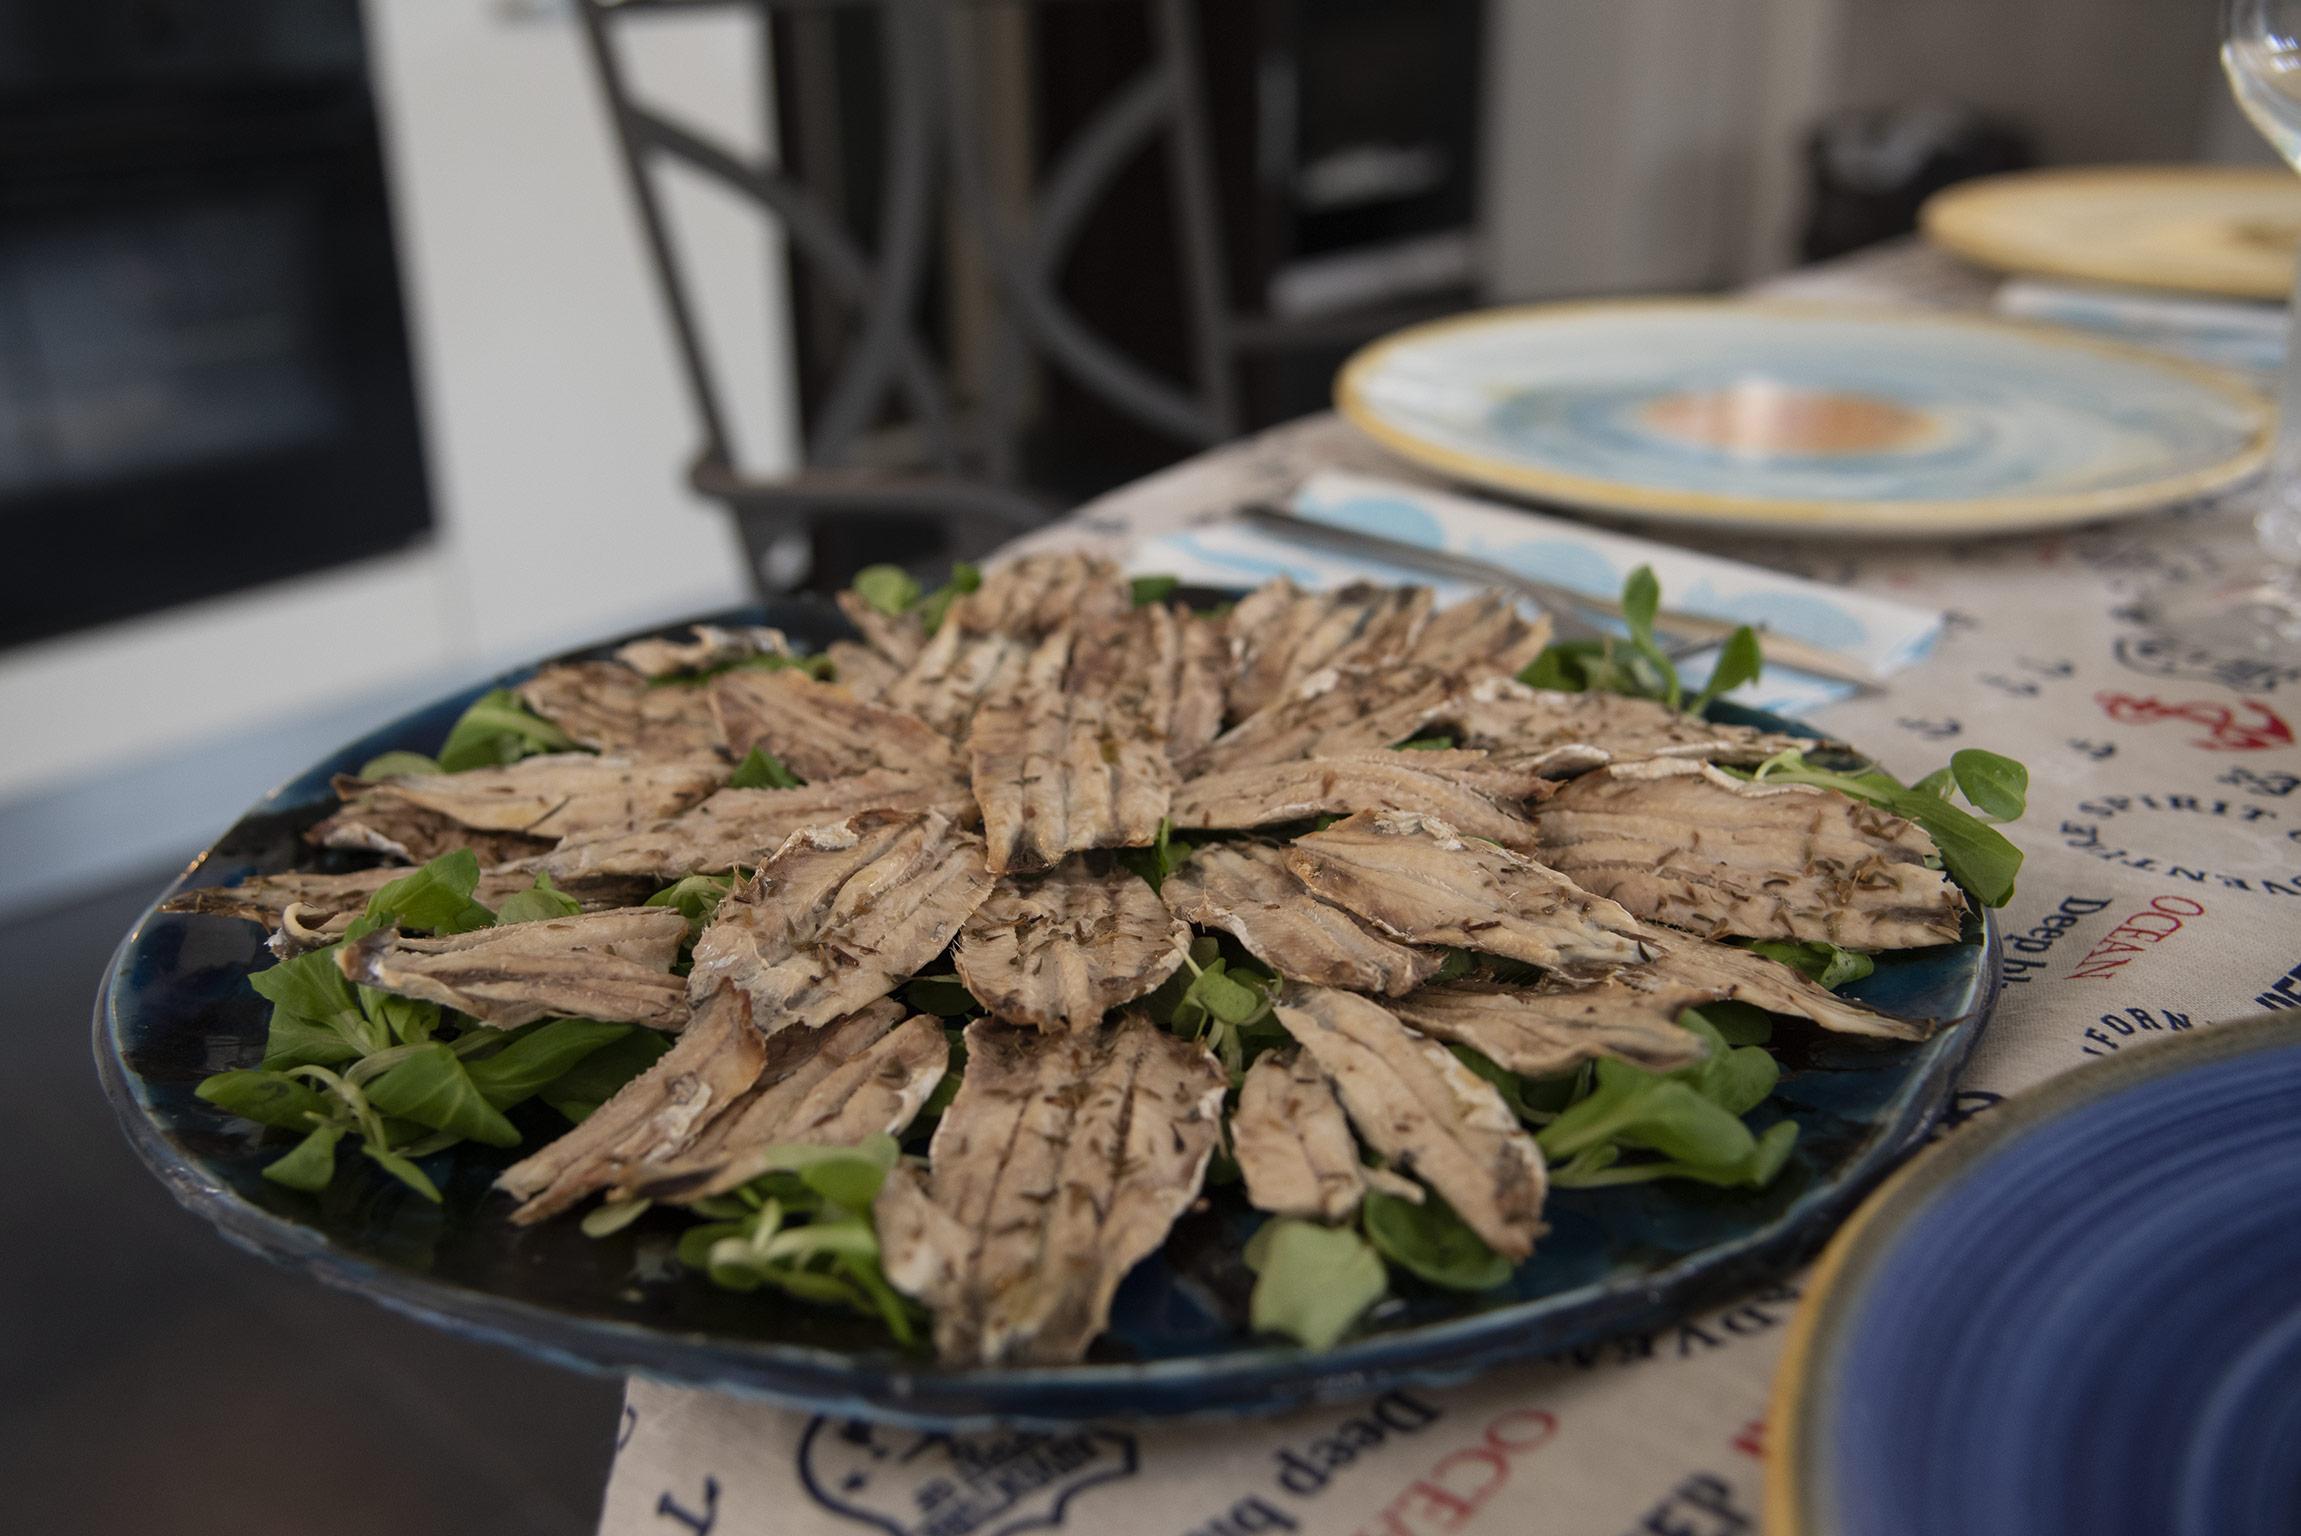 """Alici locali al forno condite con olio, sale e timo - Home Restaurant """"A CASA DI MARCO"""""""